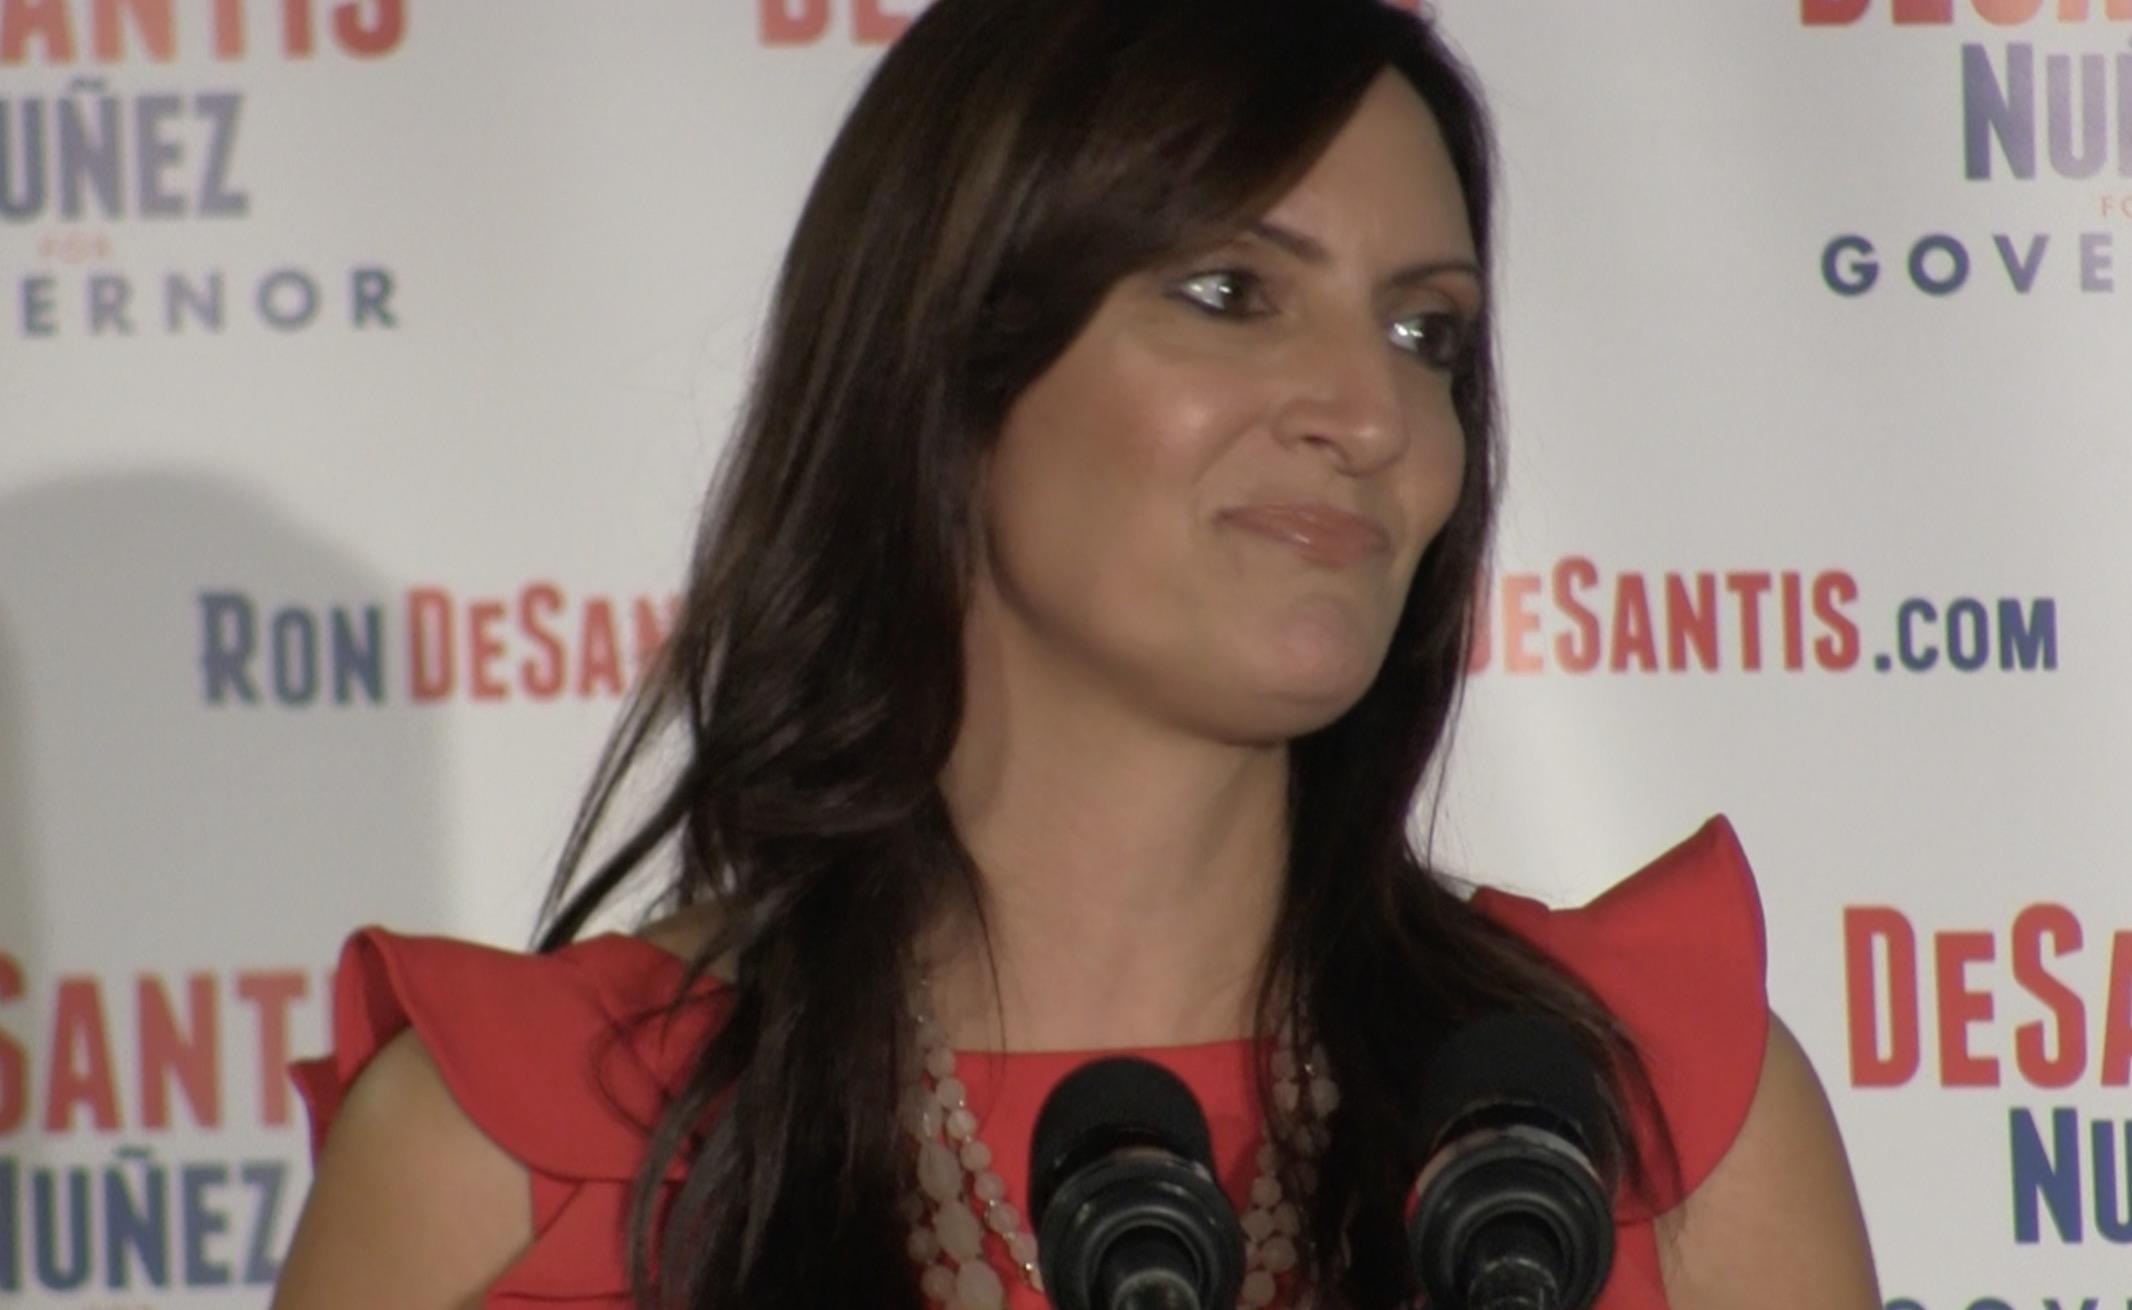 """Nuñez Calls Fried's 'Regime' Comment """"Offensive"""""""